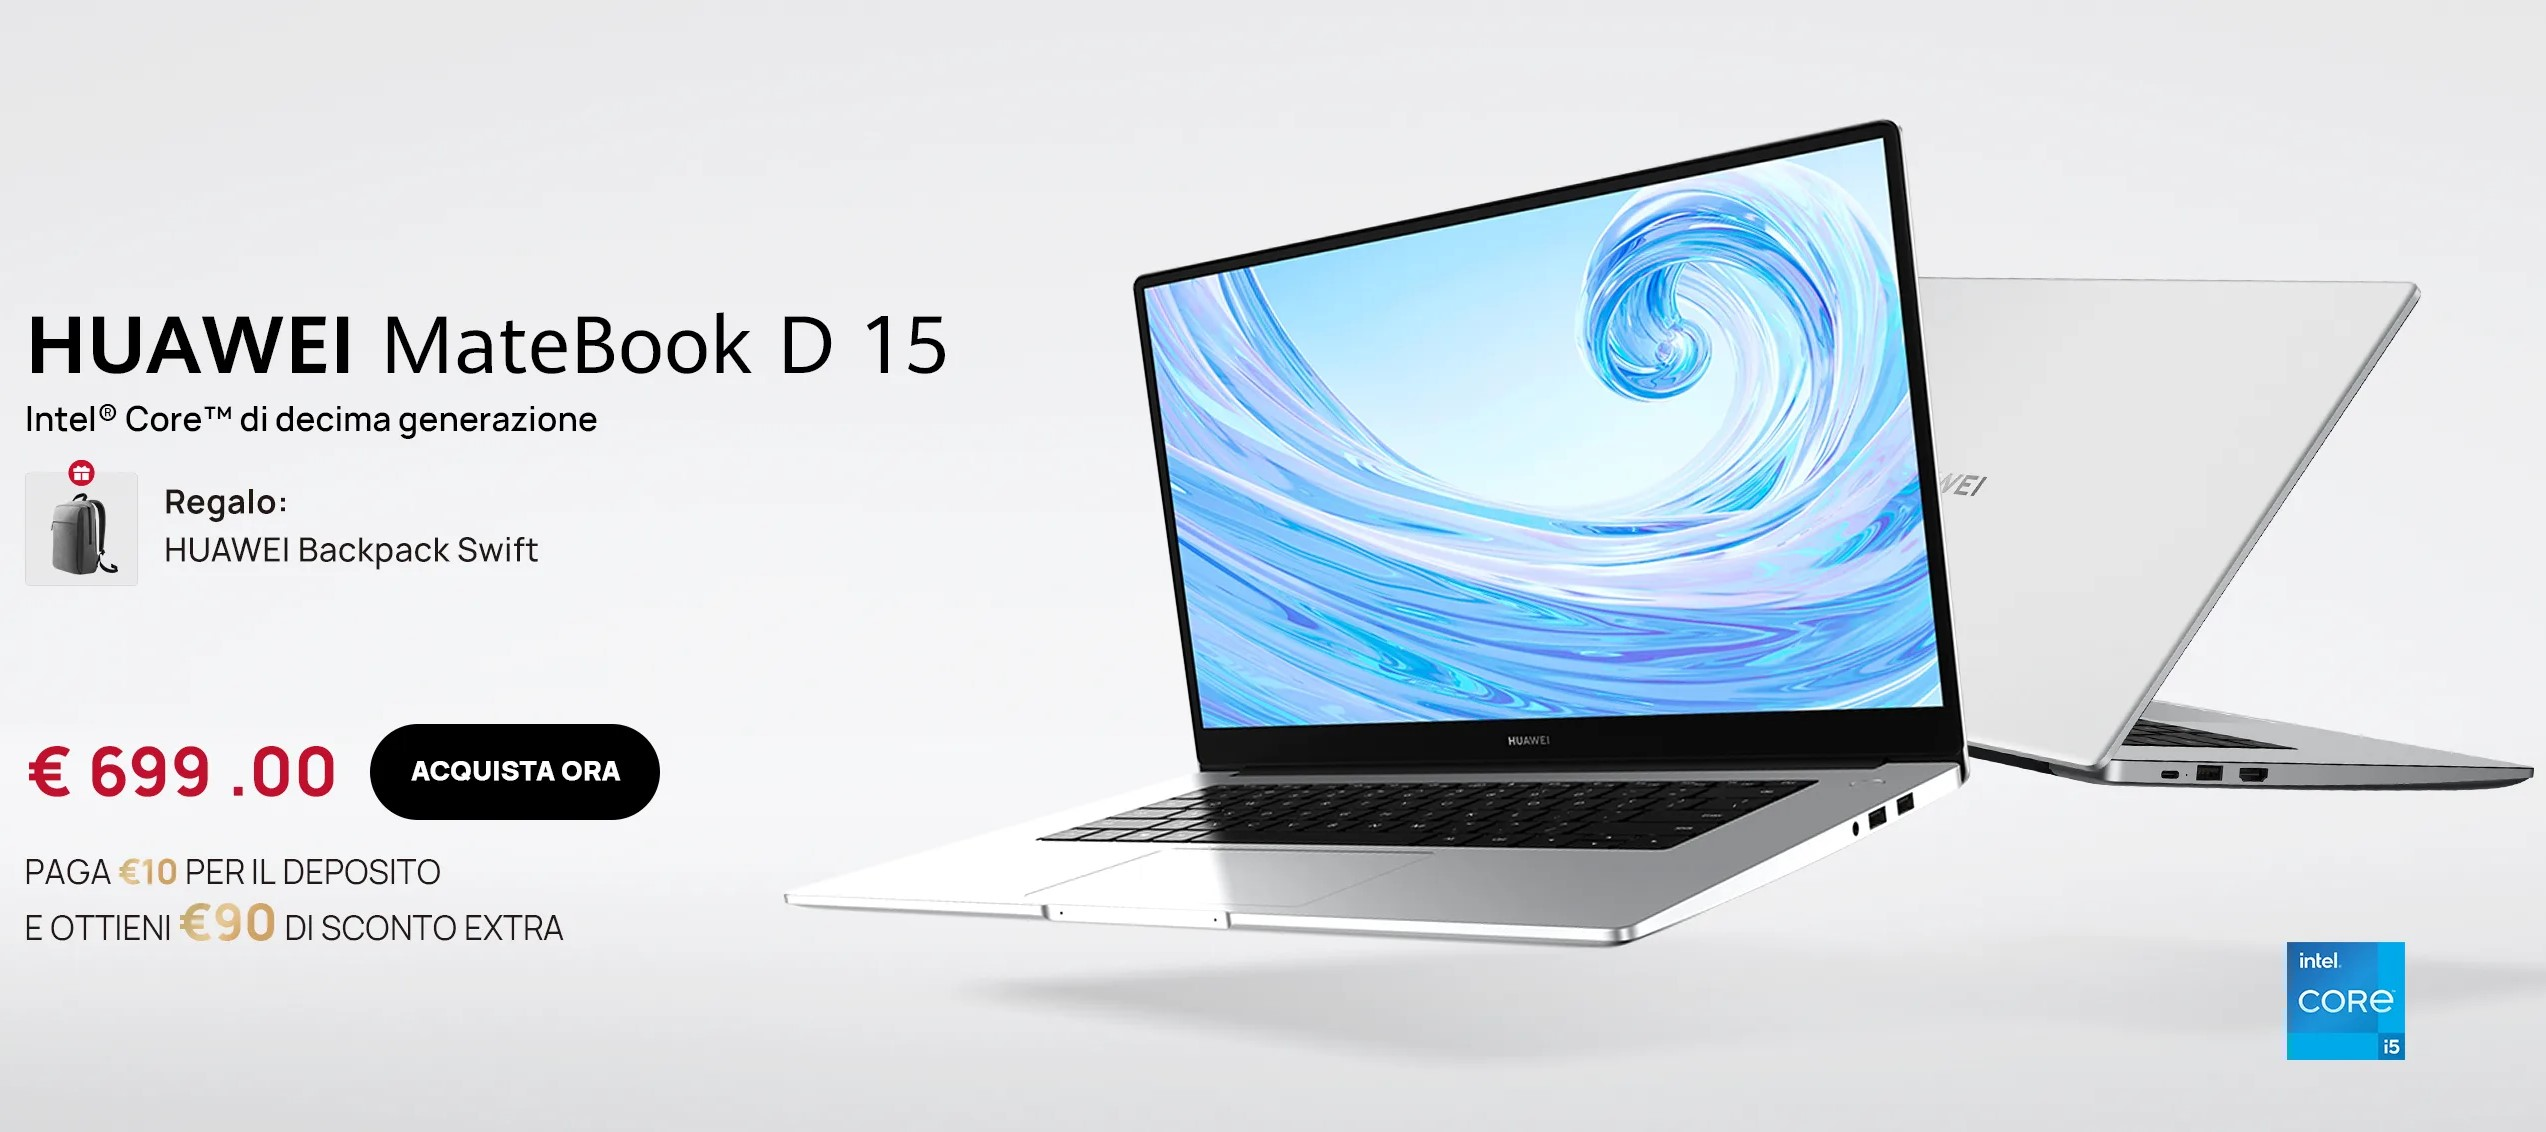 Huawei MateBook D 15 - Offerte estive 2021